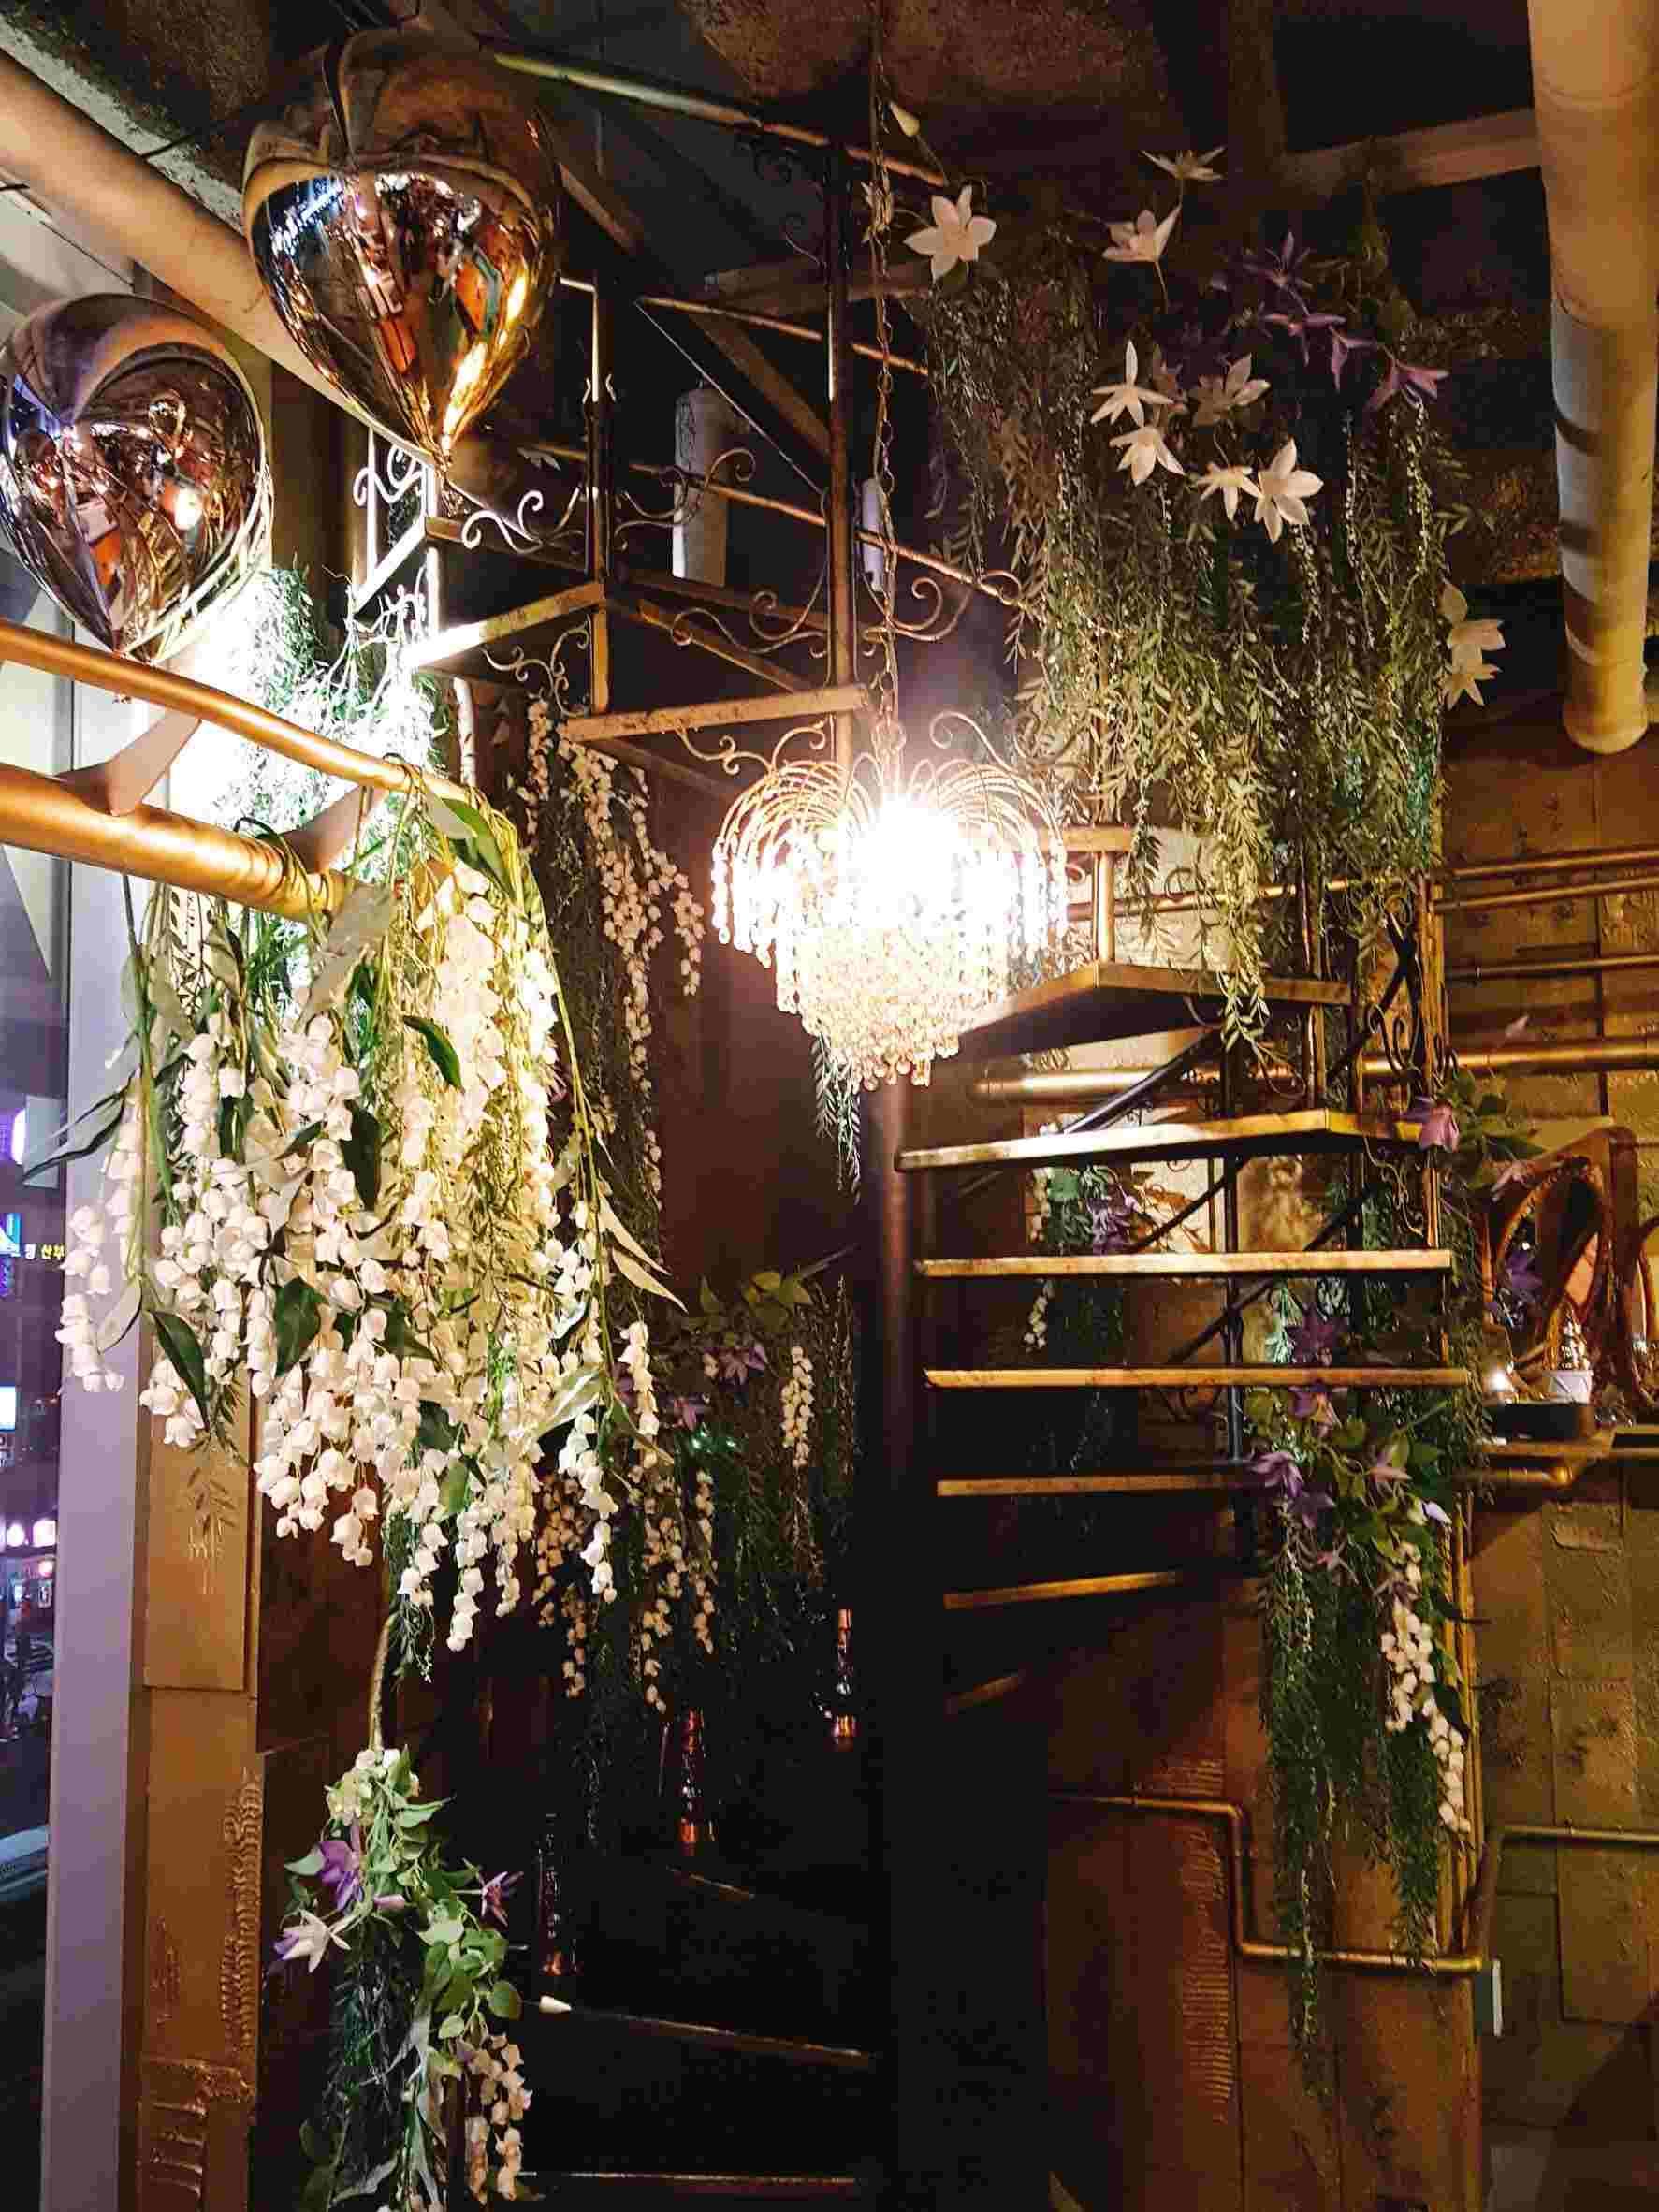 還有像這樣浪漫的小角落,有個旋轉樓梯上面佈滿了美麗的花束,坐在樓梯上拍照簡直超級唯美,小編跟朋友們在這裡真的拍瘋了,但因為這裡離鄰座很近,也要注意不要打擾到別人用餐喔!!